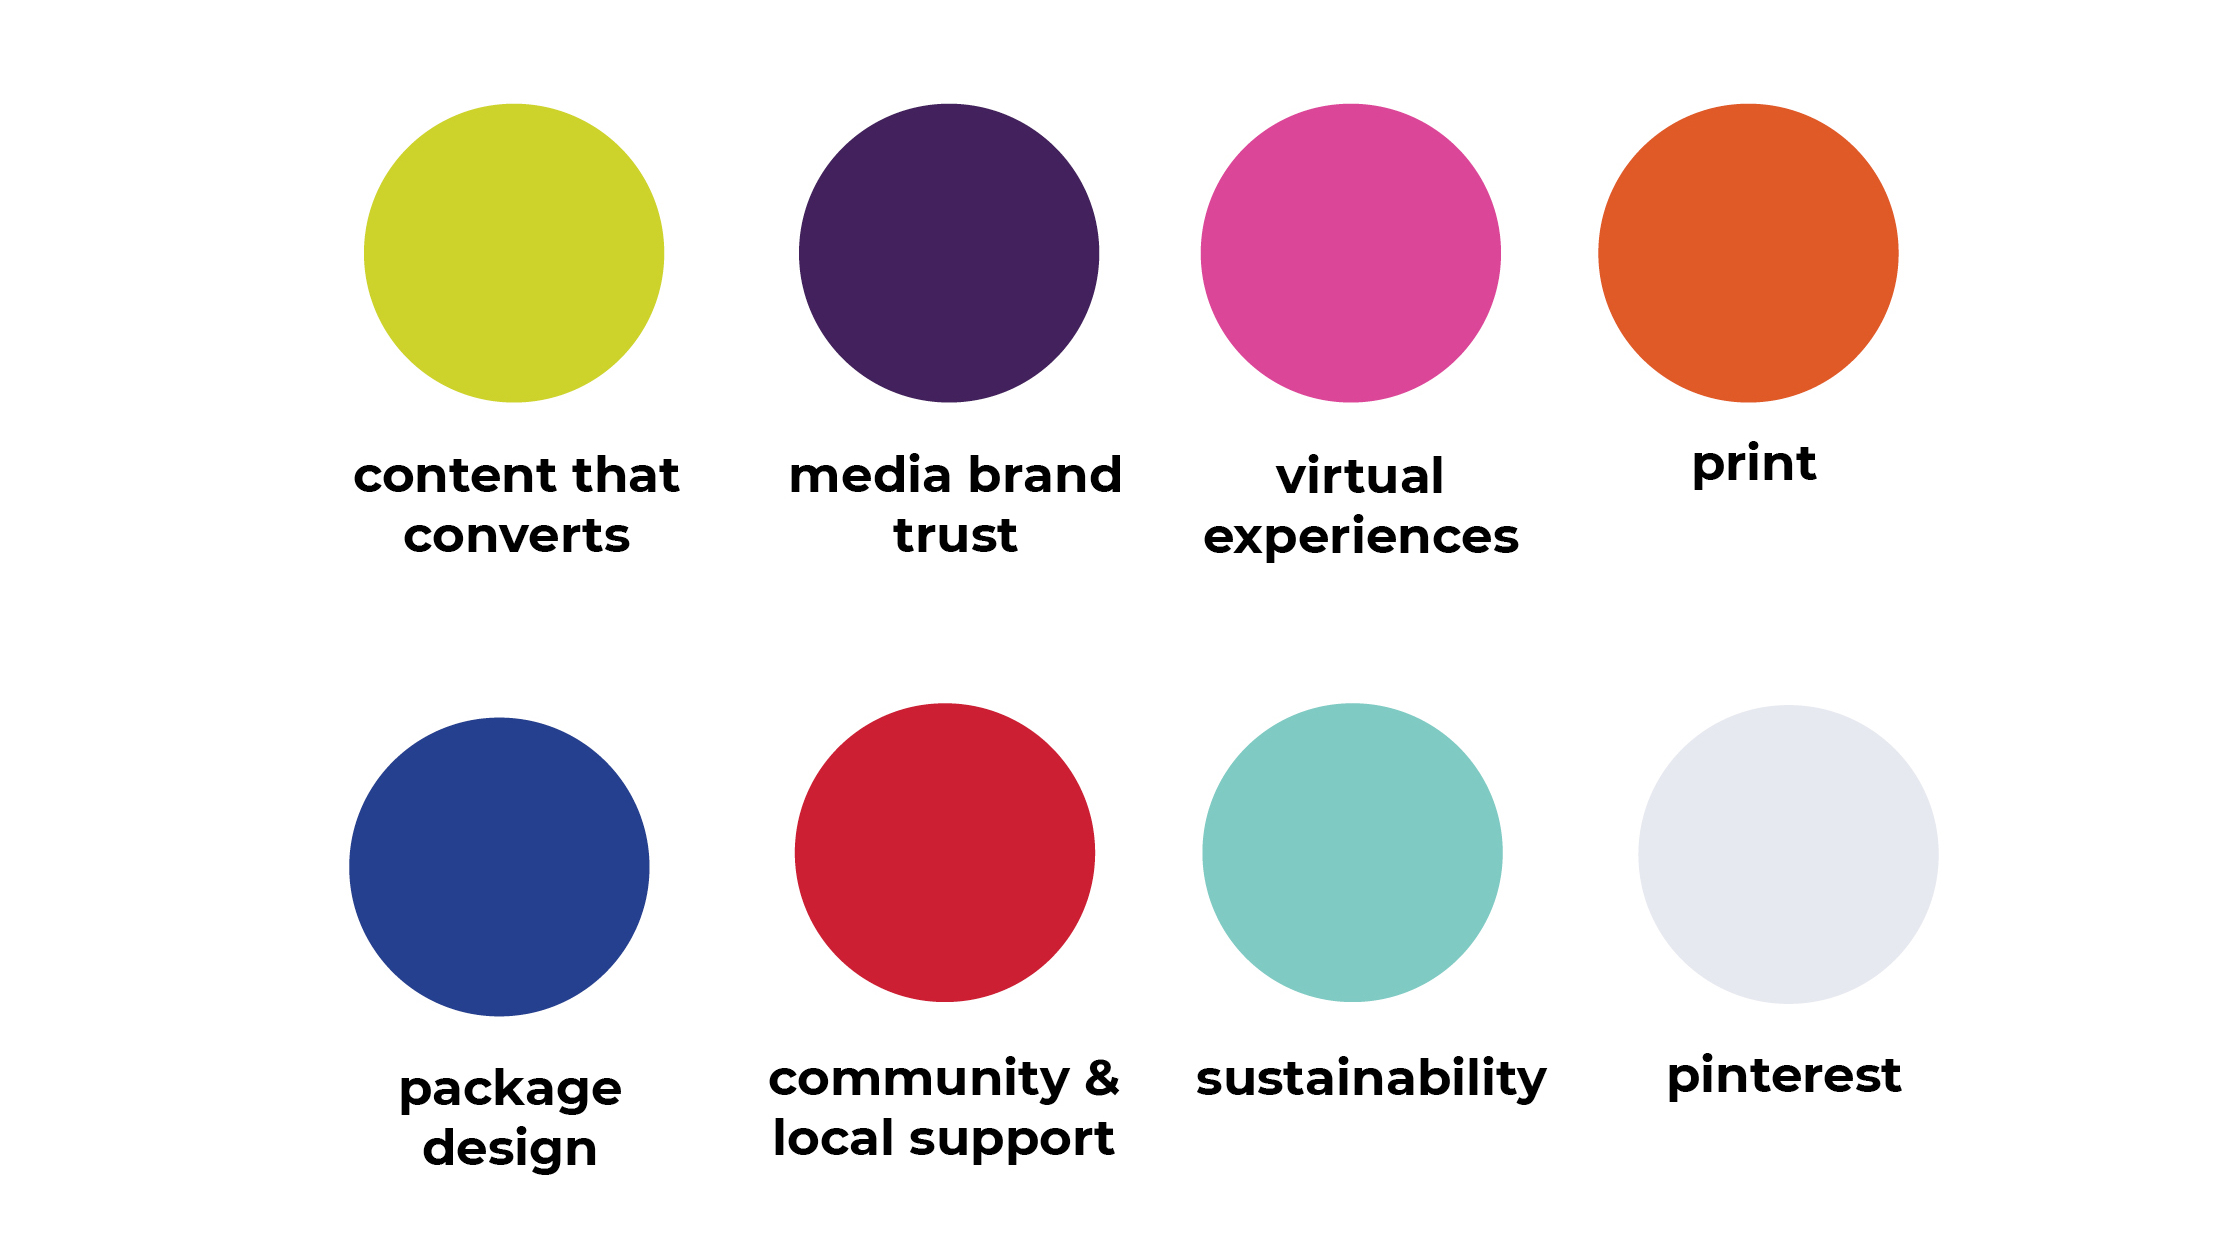 SJC 2021 media & marketing trends